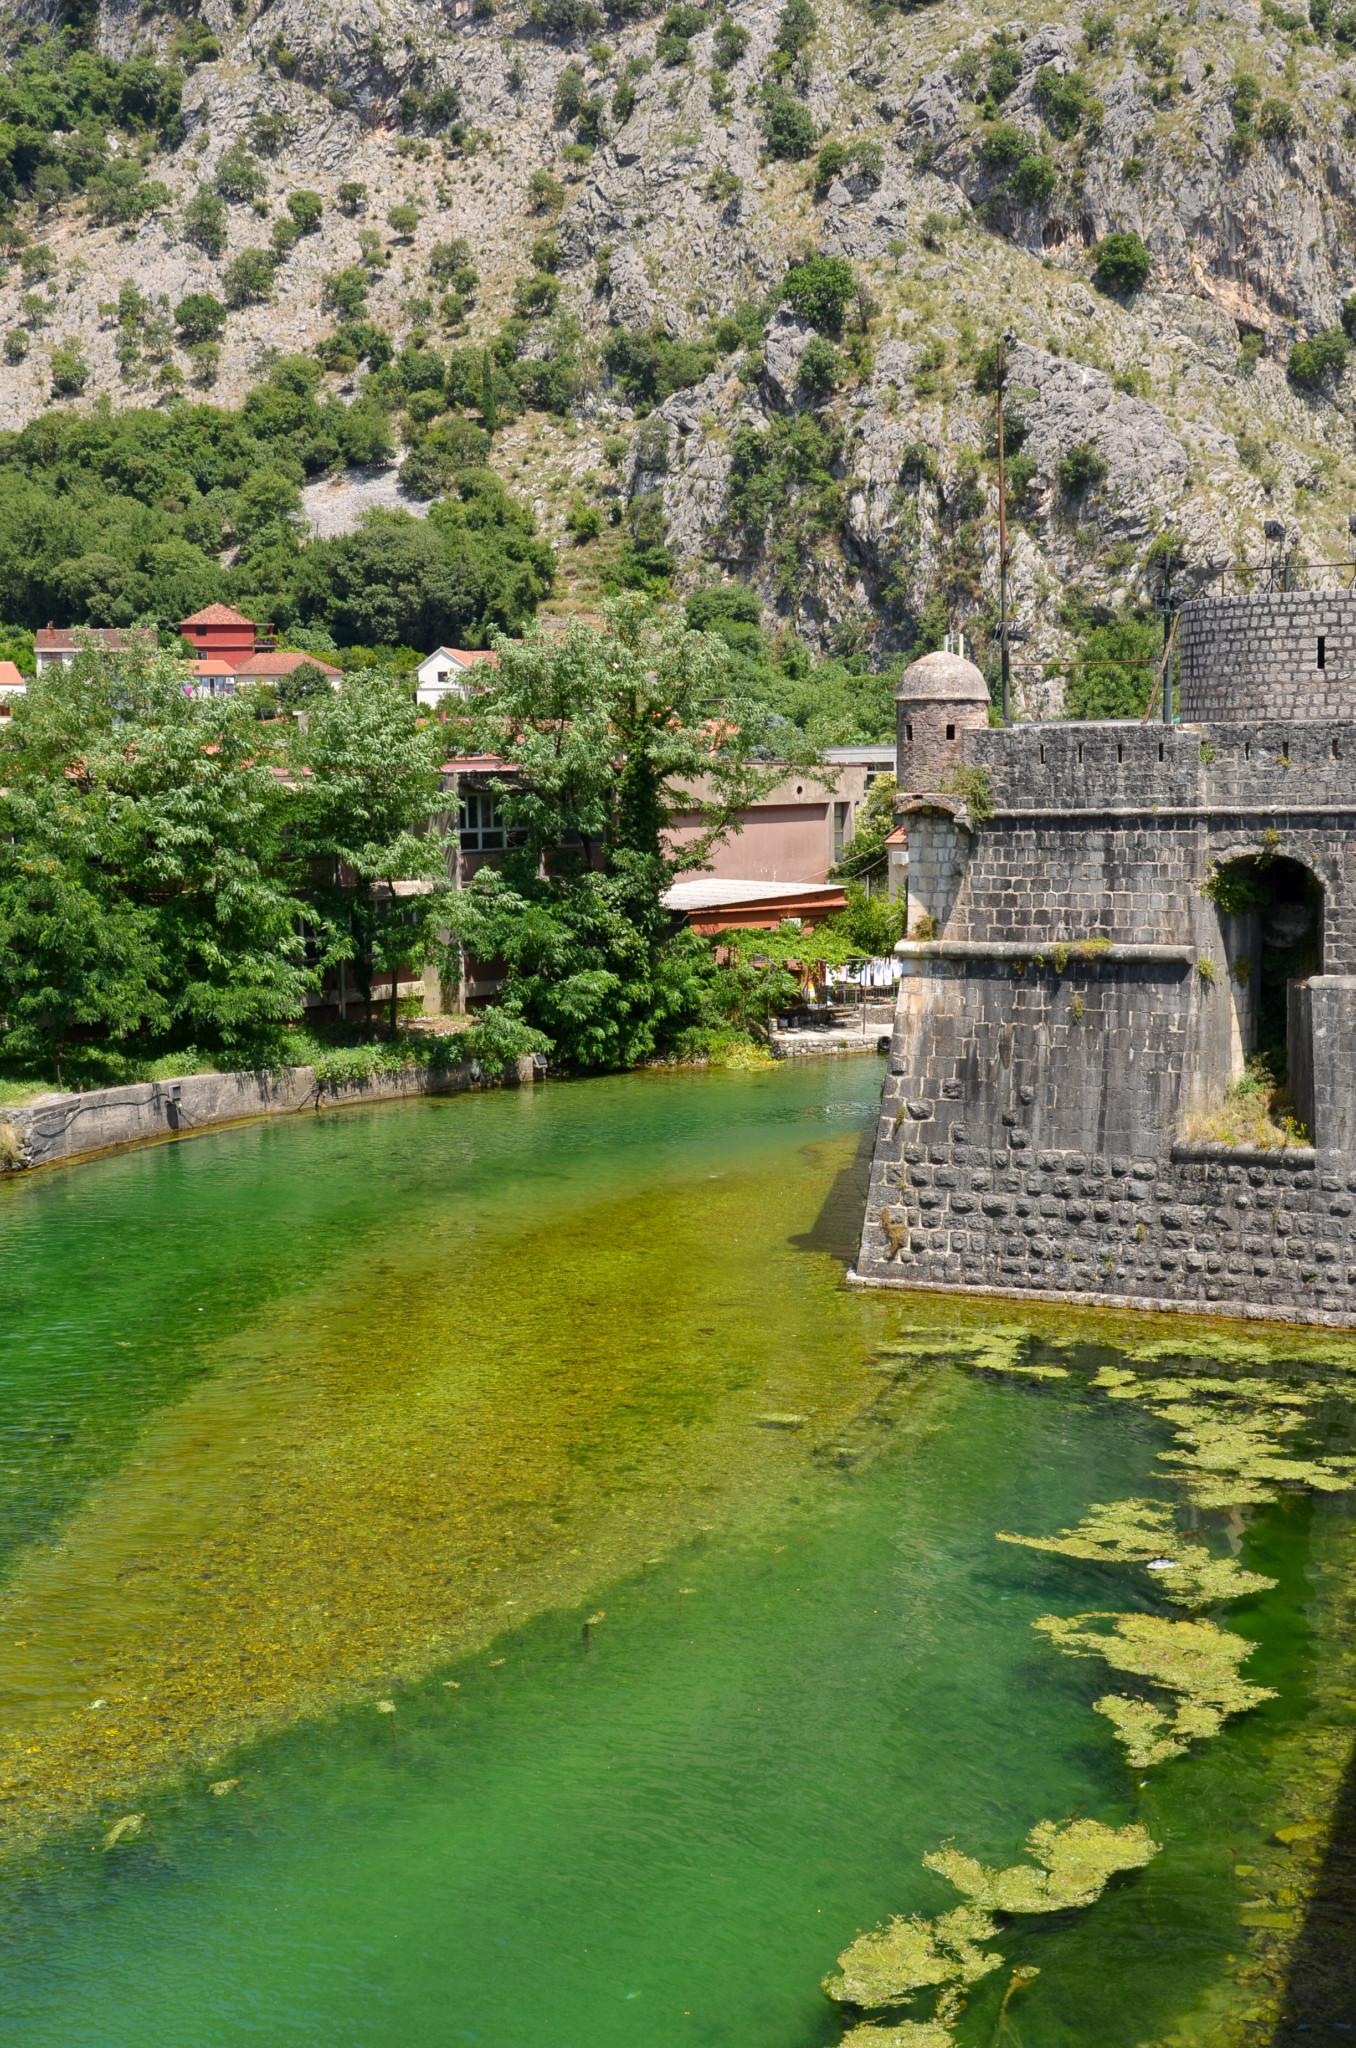 Die Stadtmauer von Kotor in Montenegro mit Graben